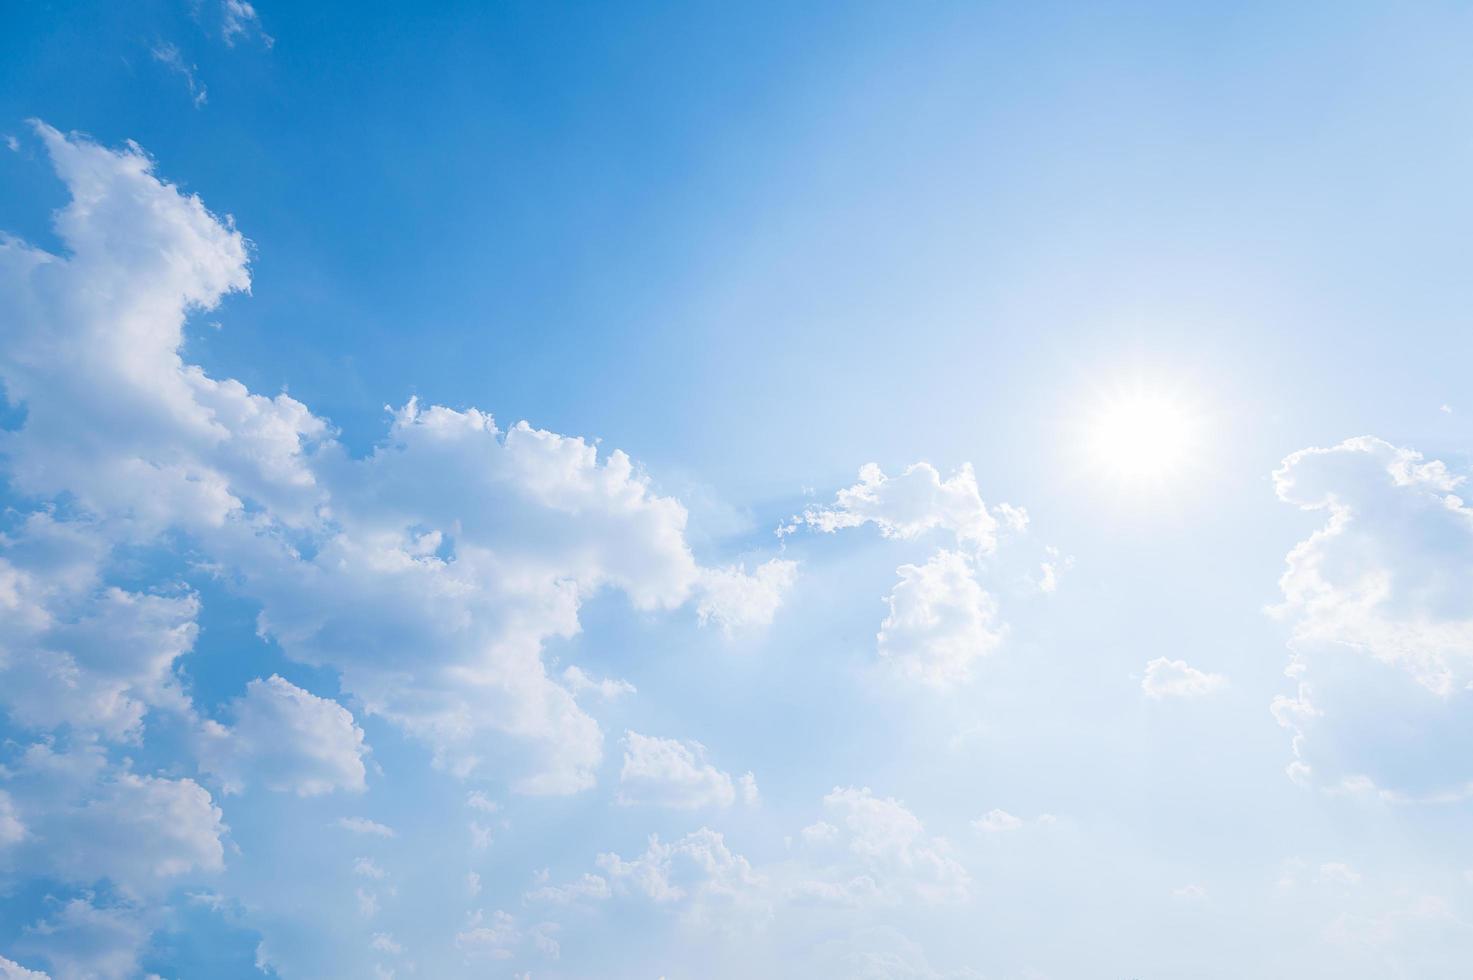 wolken en lucht gedurende de dag foto